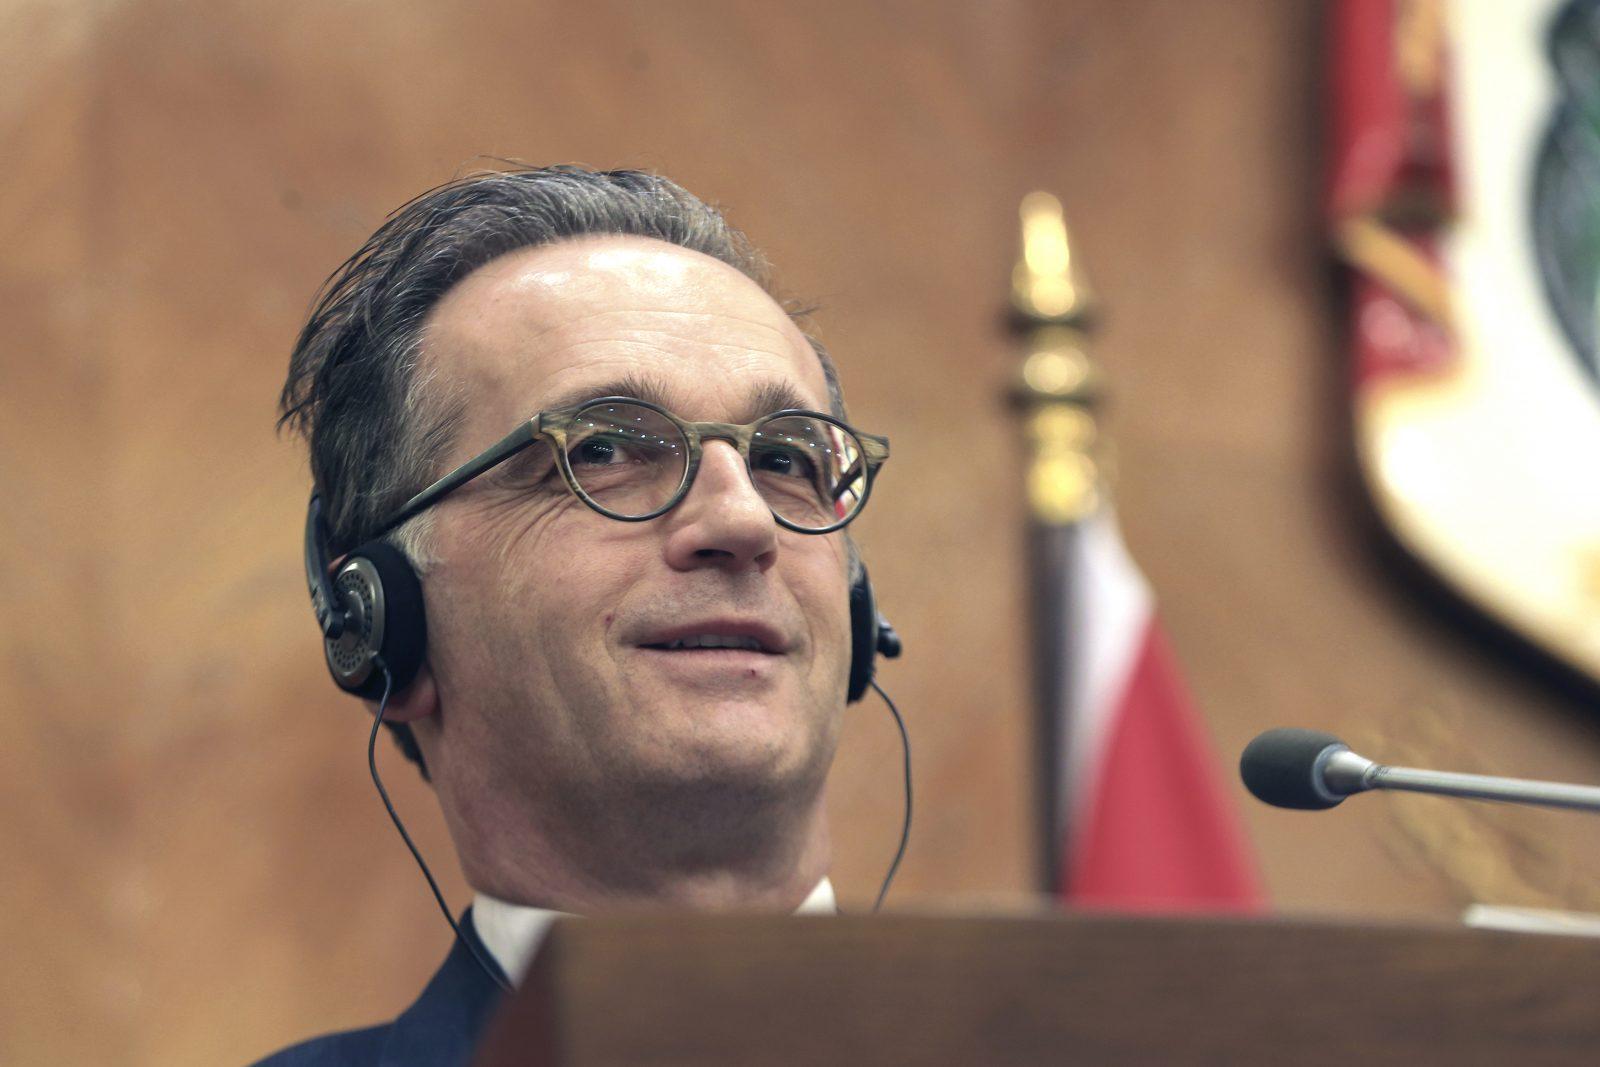 Bundesaußenminister Heiko Maas (SPD) will anderen zeigen, wie Demokratie geht Foto: picture alliance / ASSOCIATED PRESS | Raad Adayleh